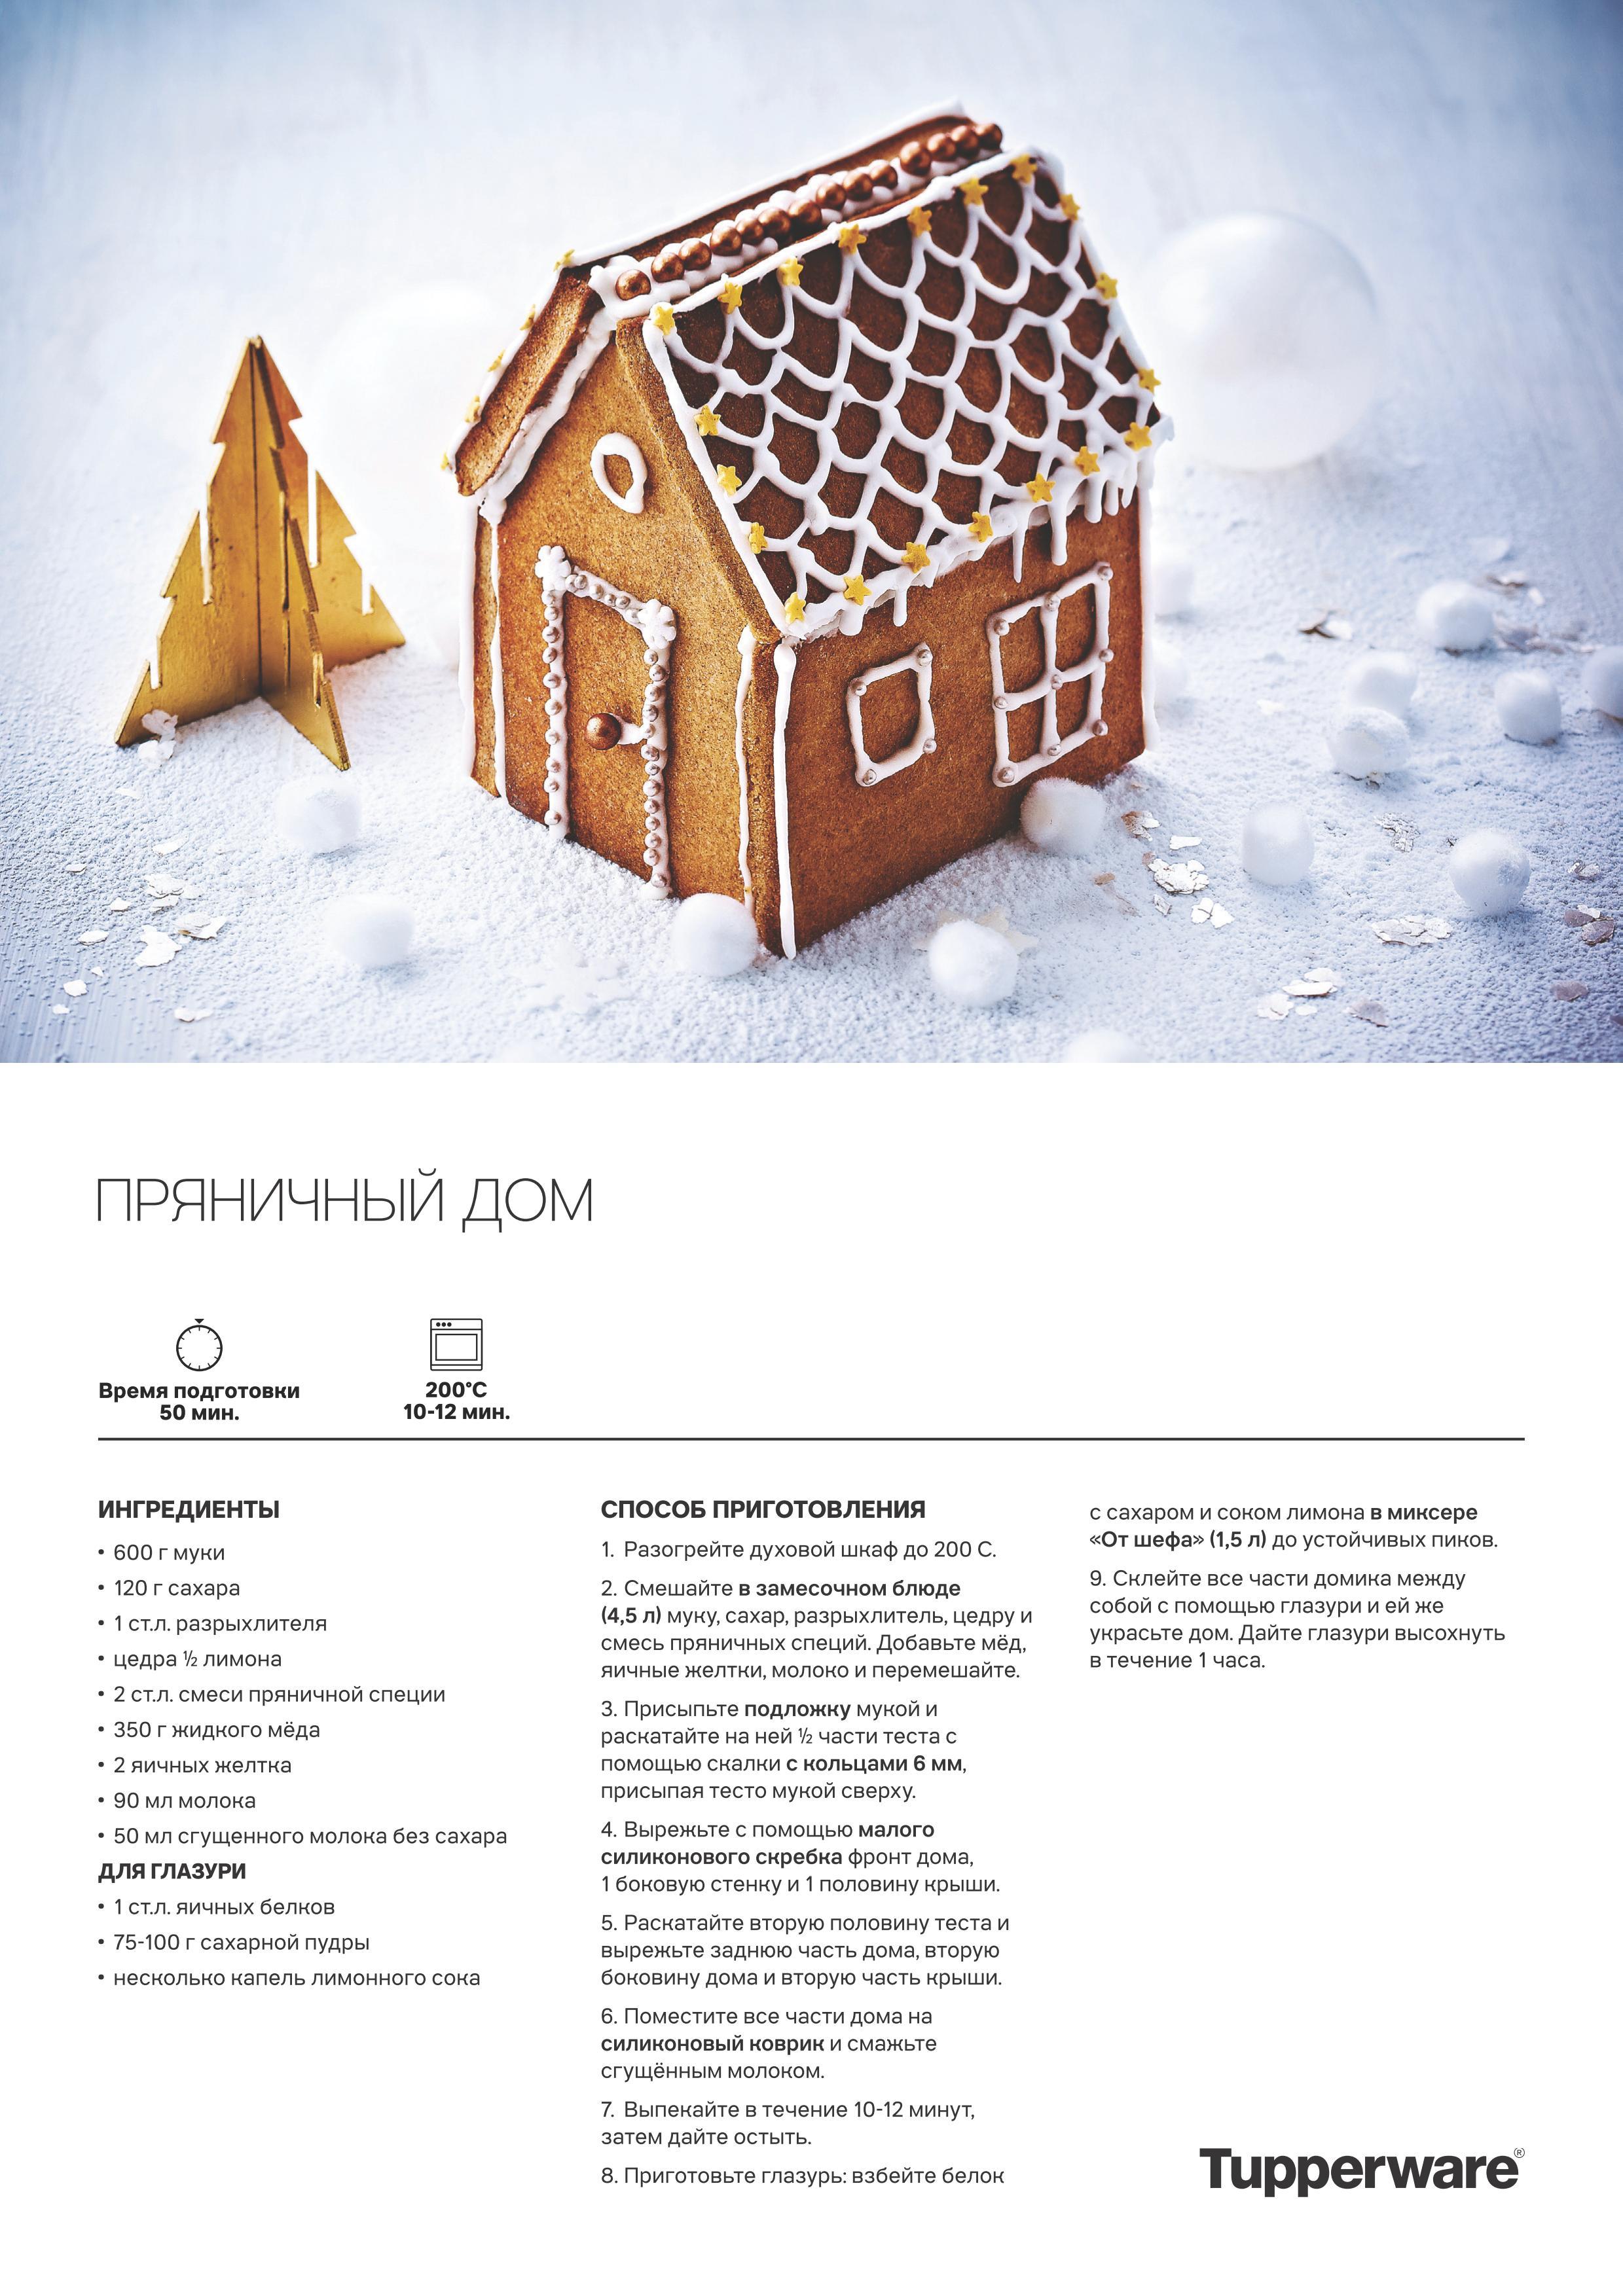 Простой пряничный домик своими руками рецепт 247